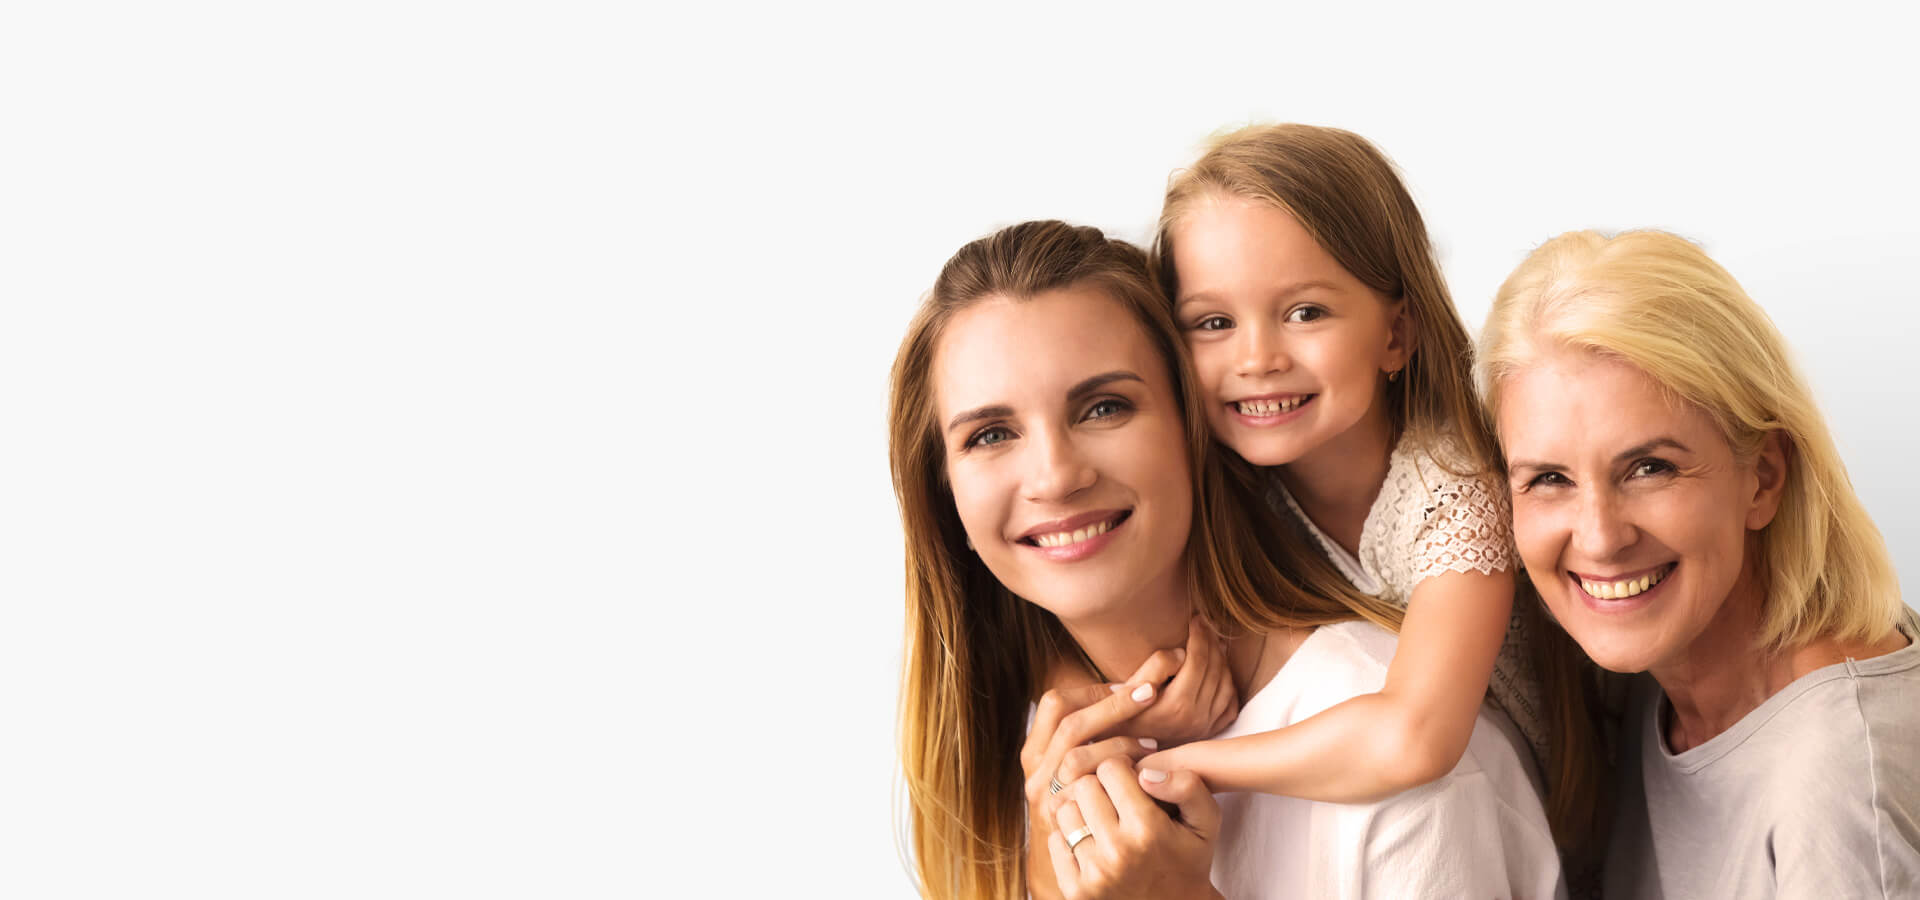 SkinCare ist sanft zur empfindlichen Haut. Optimal zur therapiebegleitende Pflege